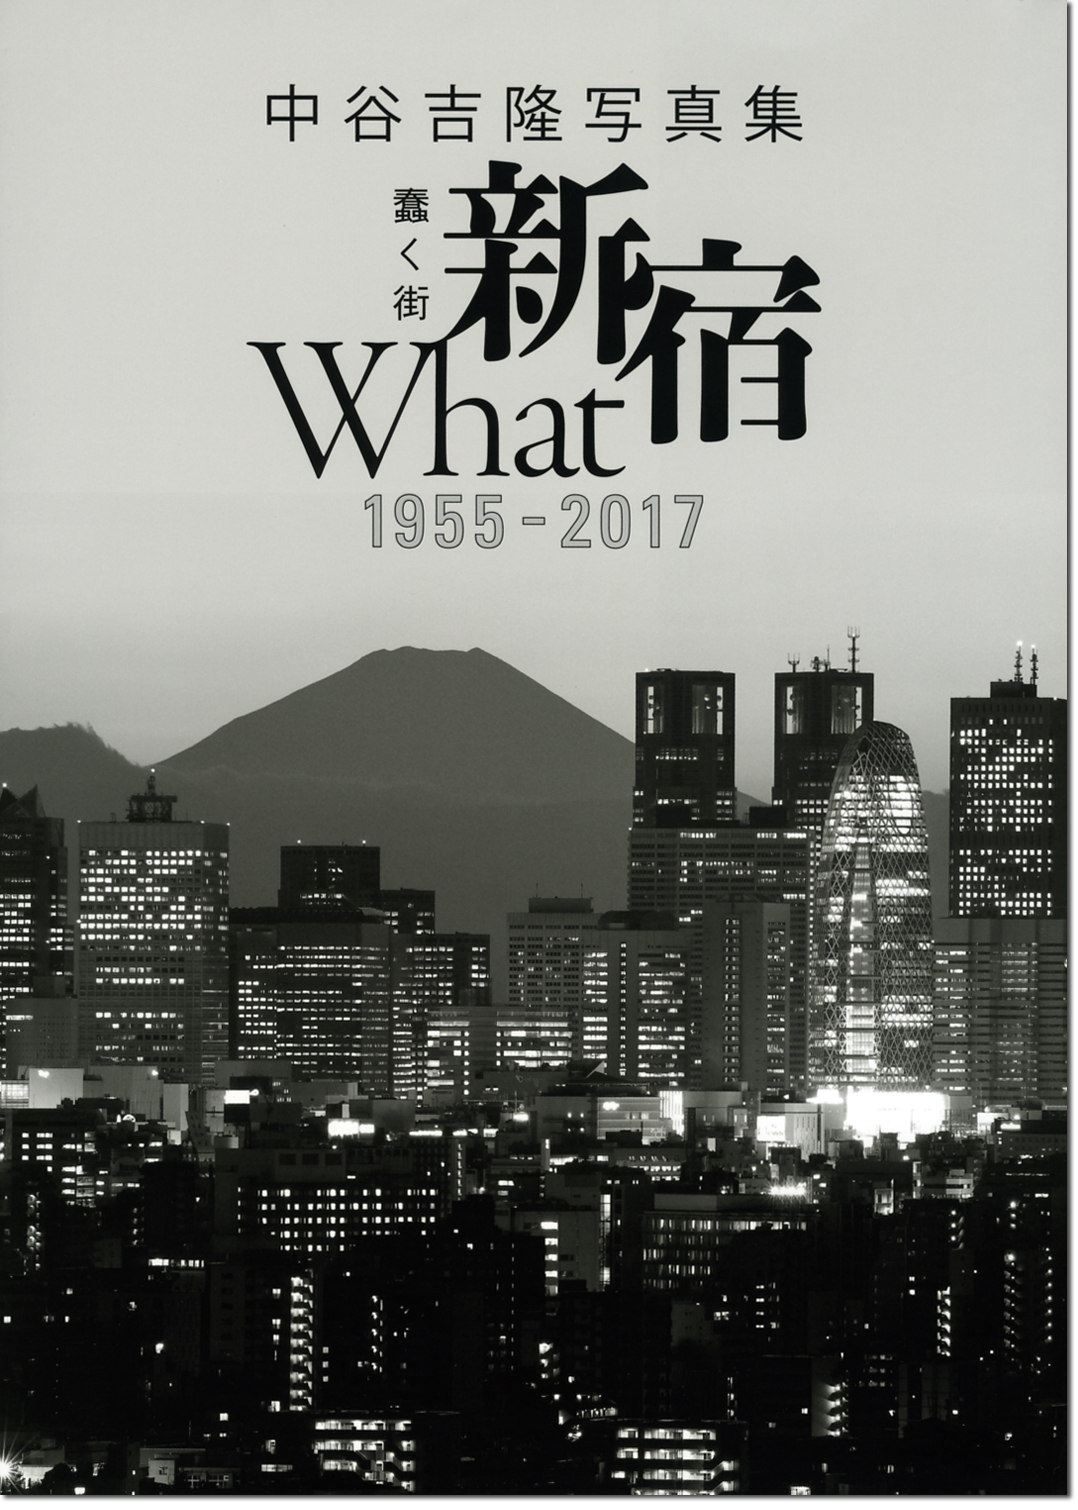 中谷吉隆写真集「蠢く街 新宿 What 1955-2017」